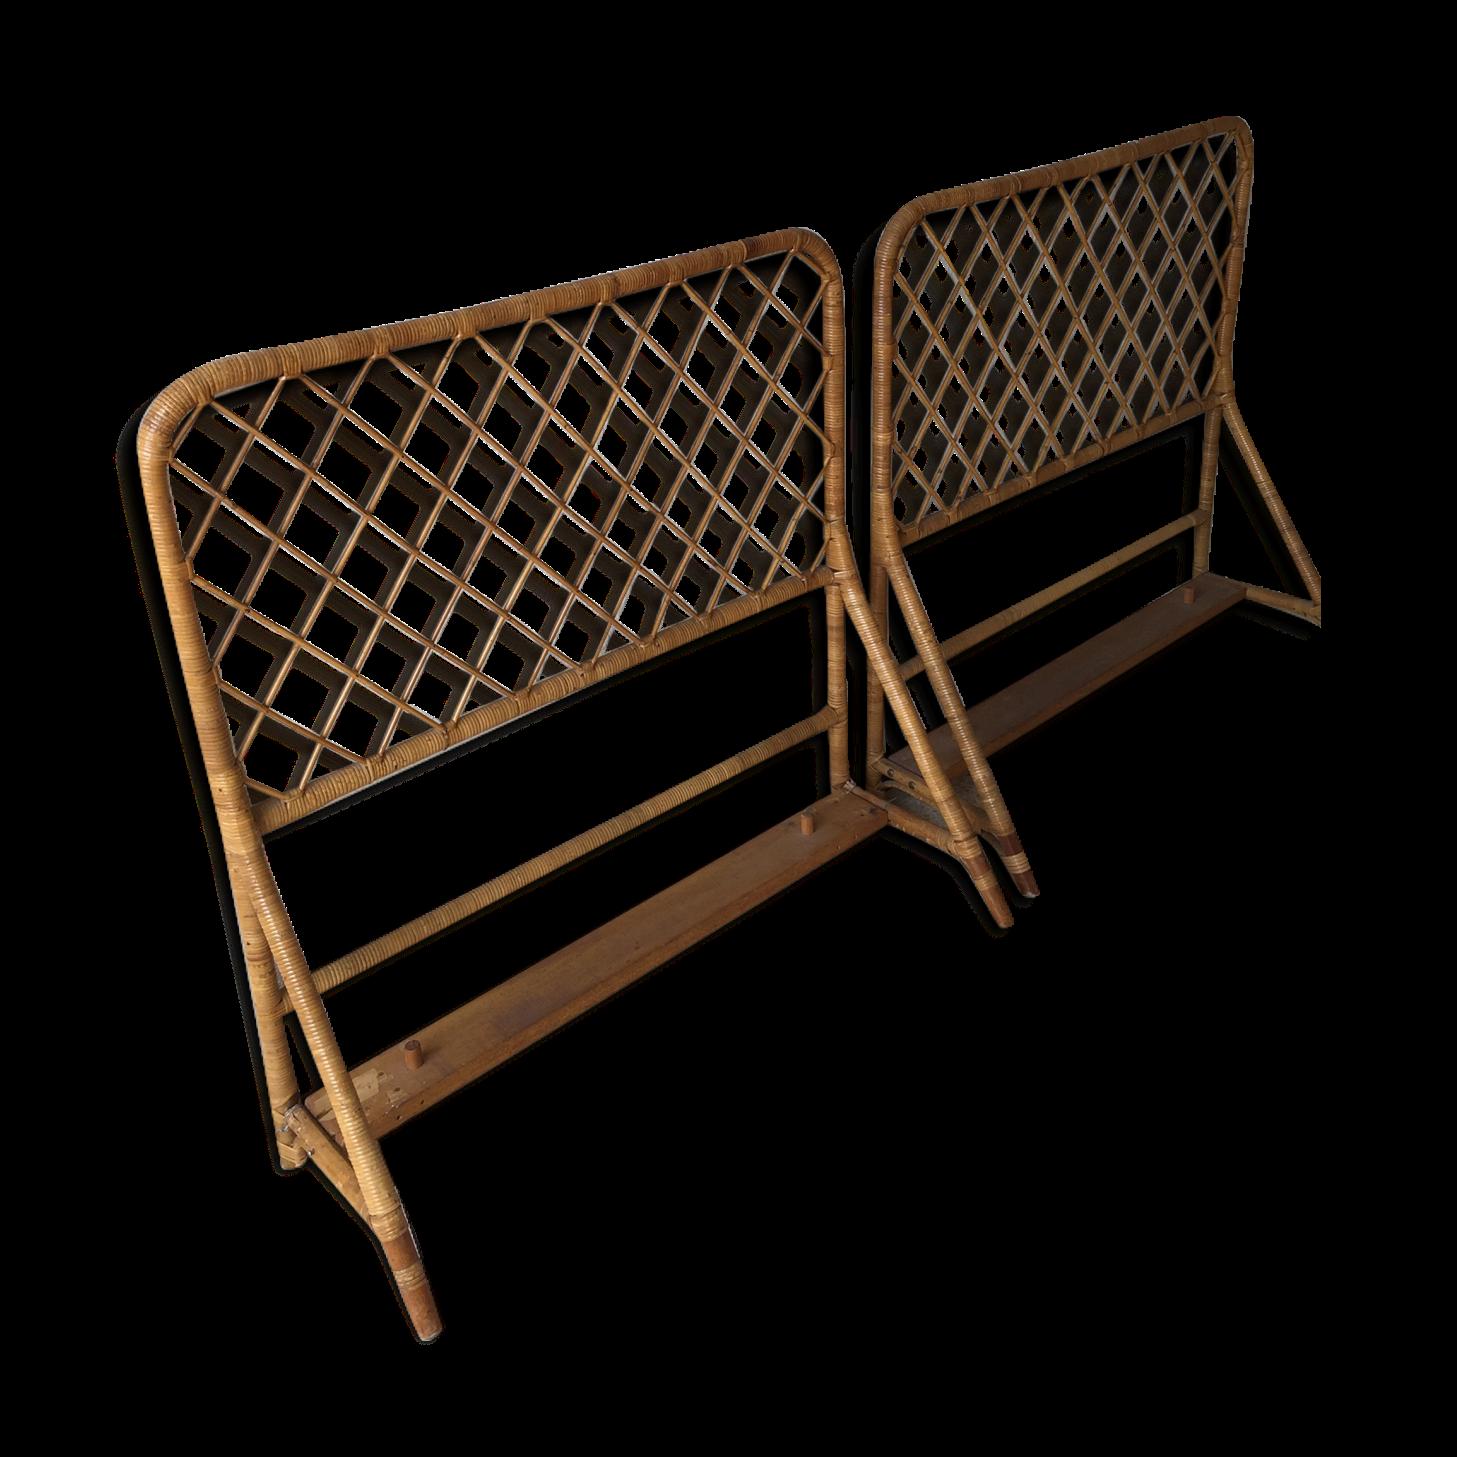 tete de lit en rotin t te de lit en rotin tiss brin d 39 ouest t te de lit rotin style palmier. Black Bedroom Furniture Sets. Home Design Ideas